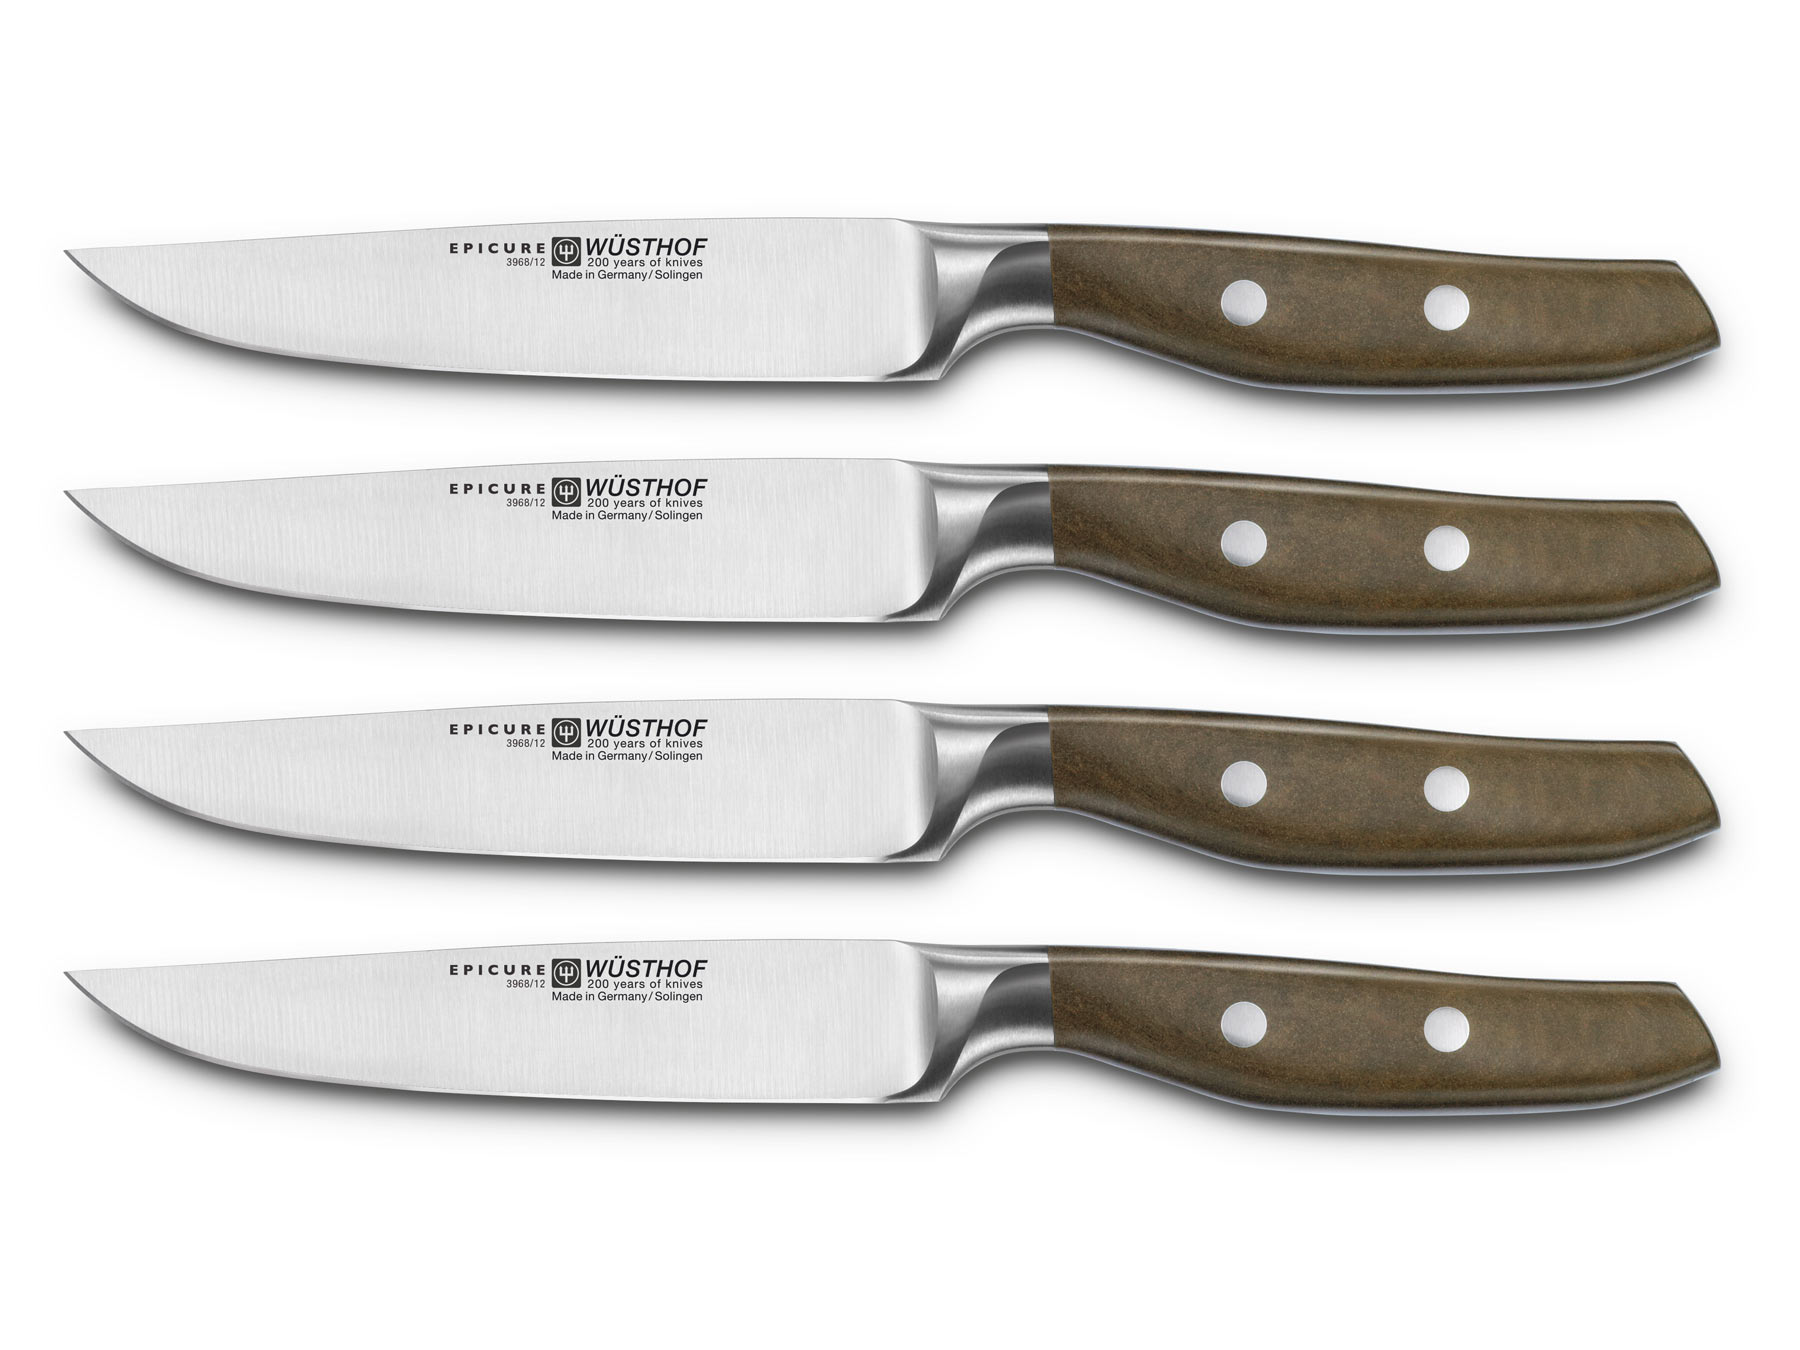 Wüsthof Epicure 9668 Steakmessersatz 4-teilig